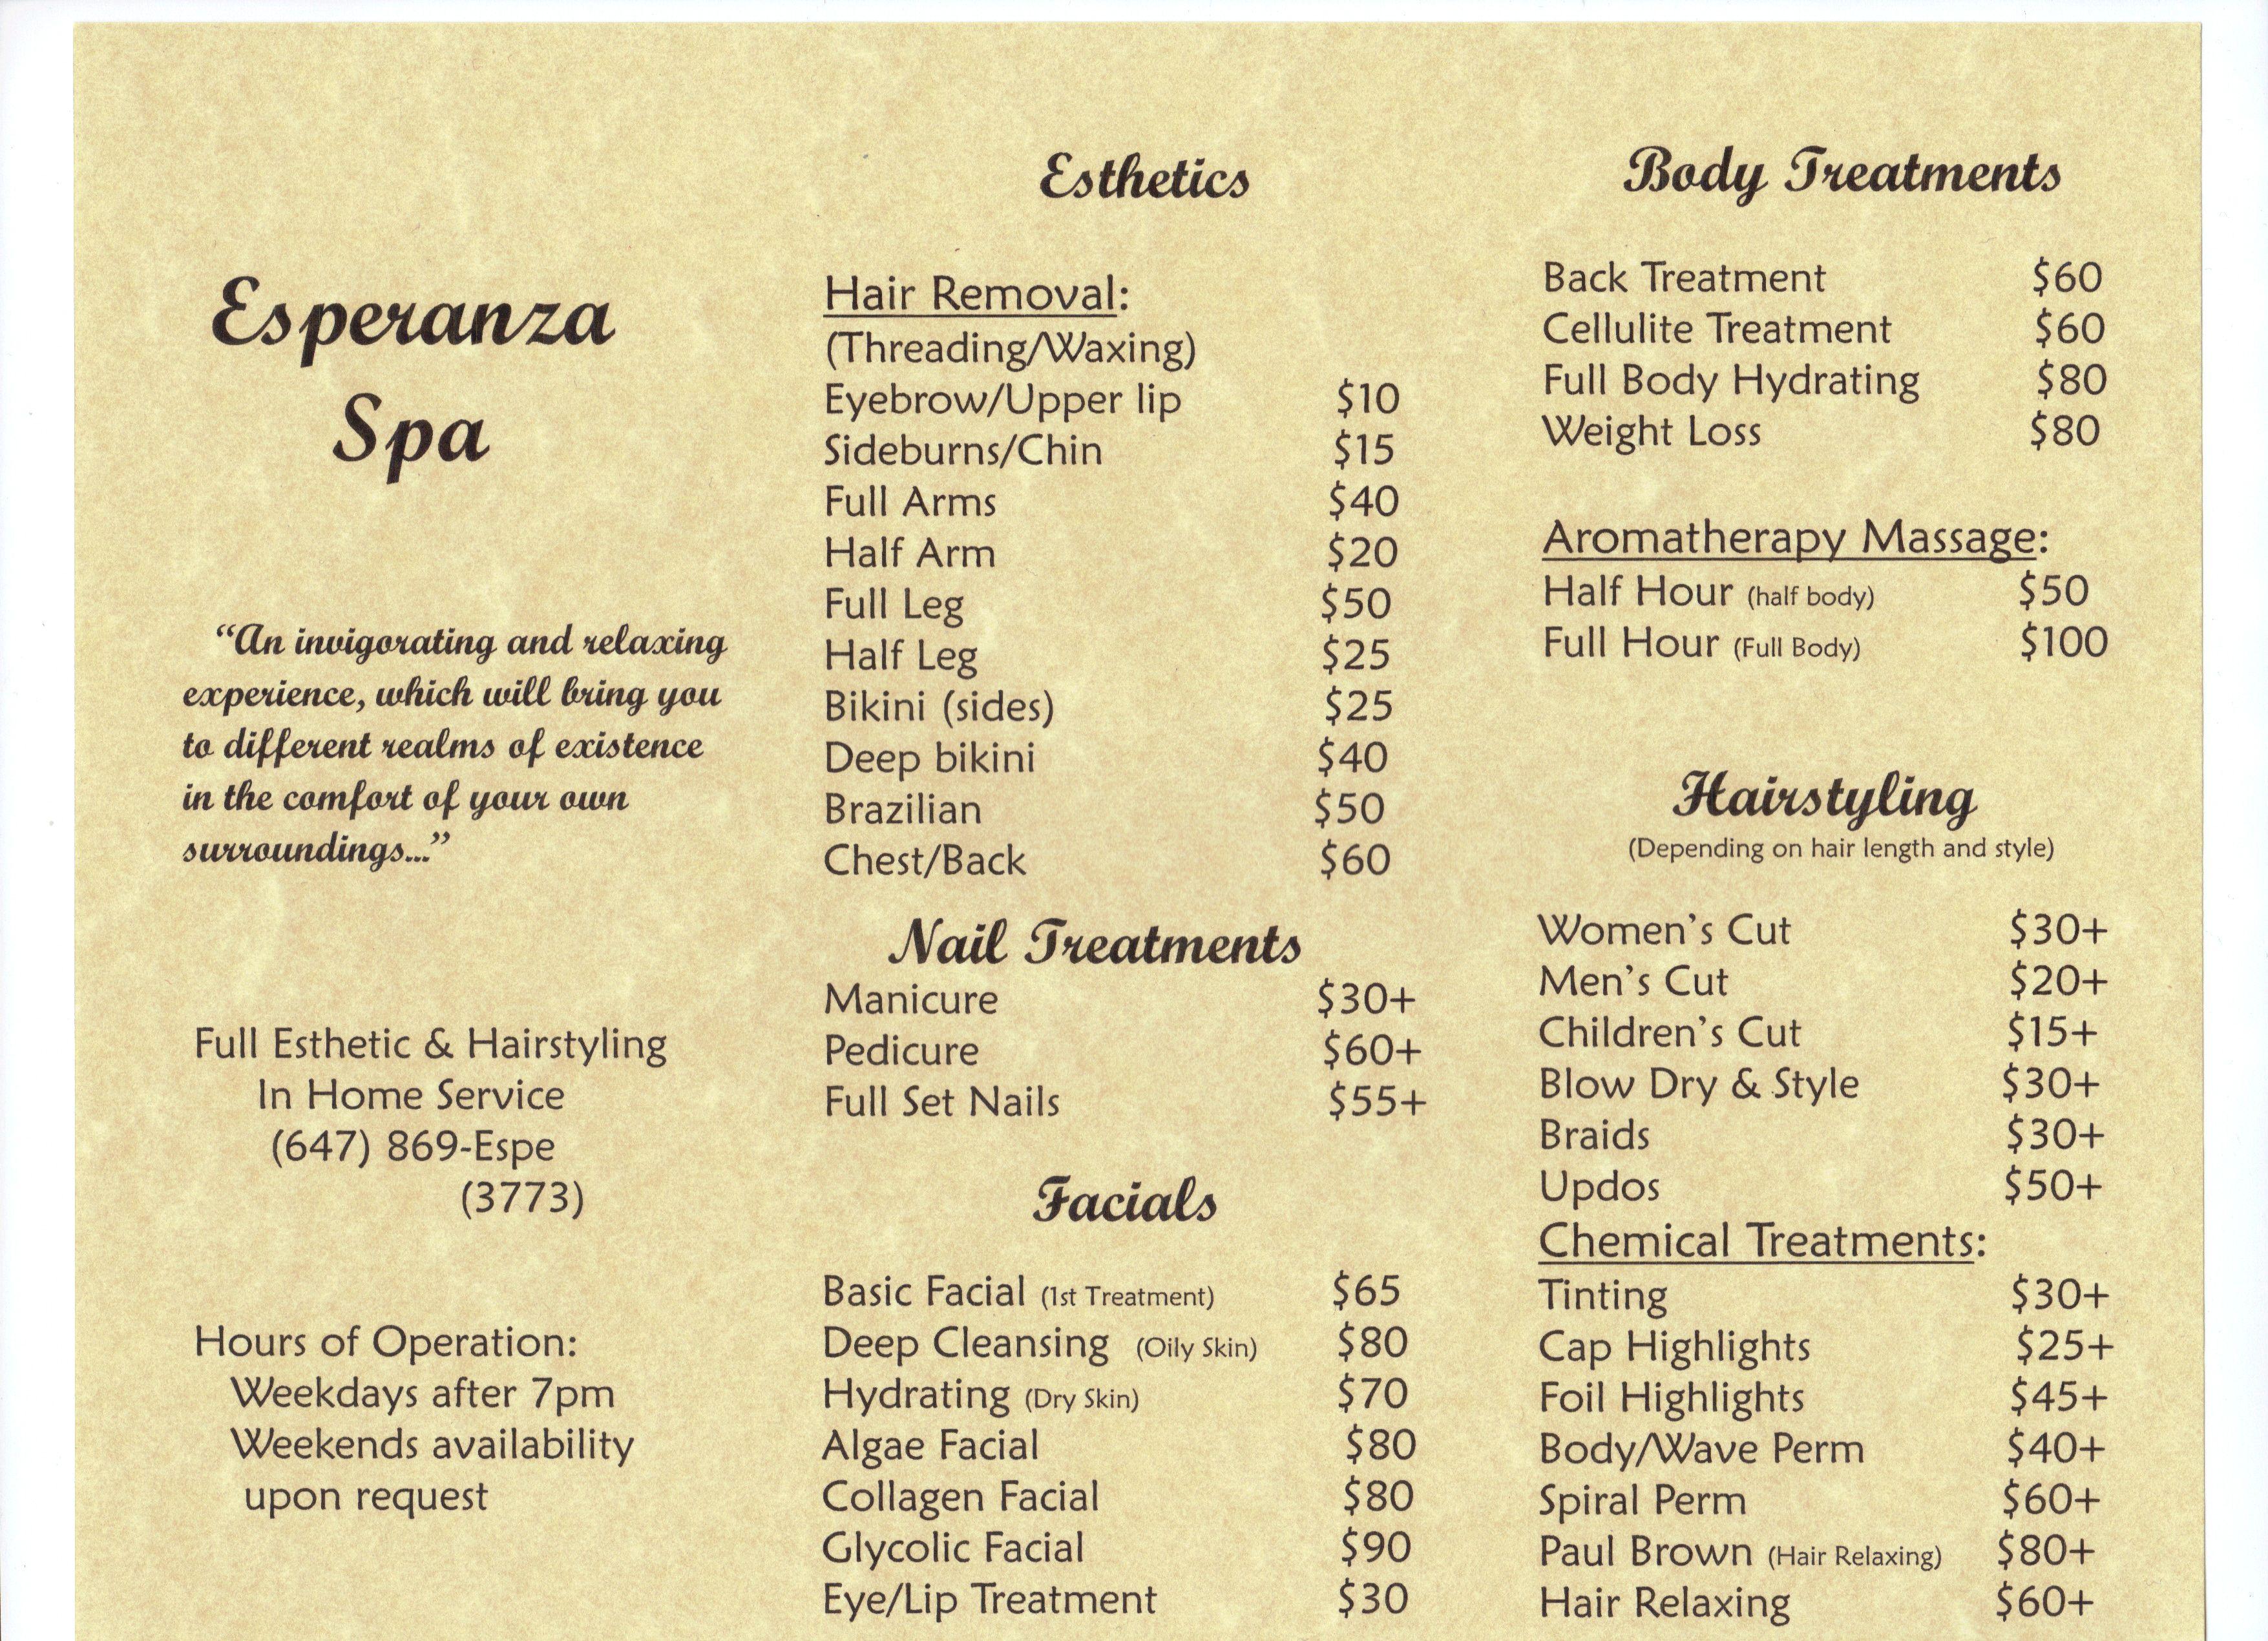 My Mobile Esthetics Business Price List Esthetics Esthetician Skin Care Specialist